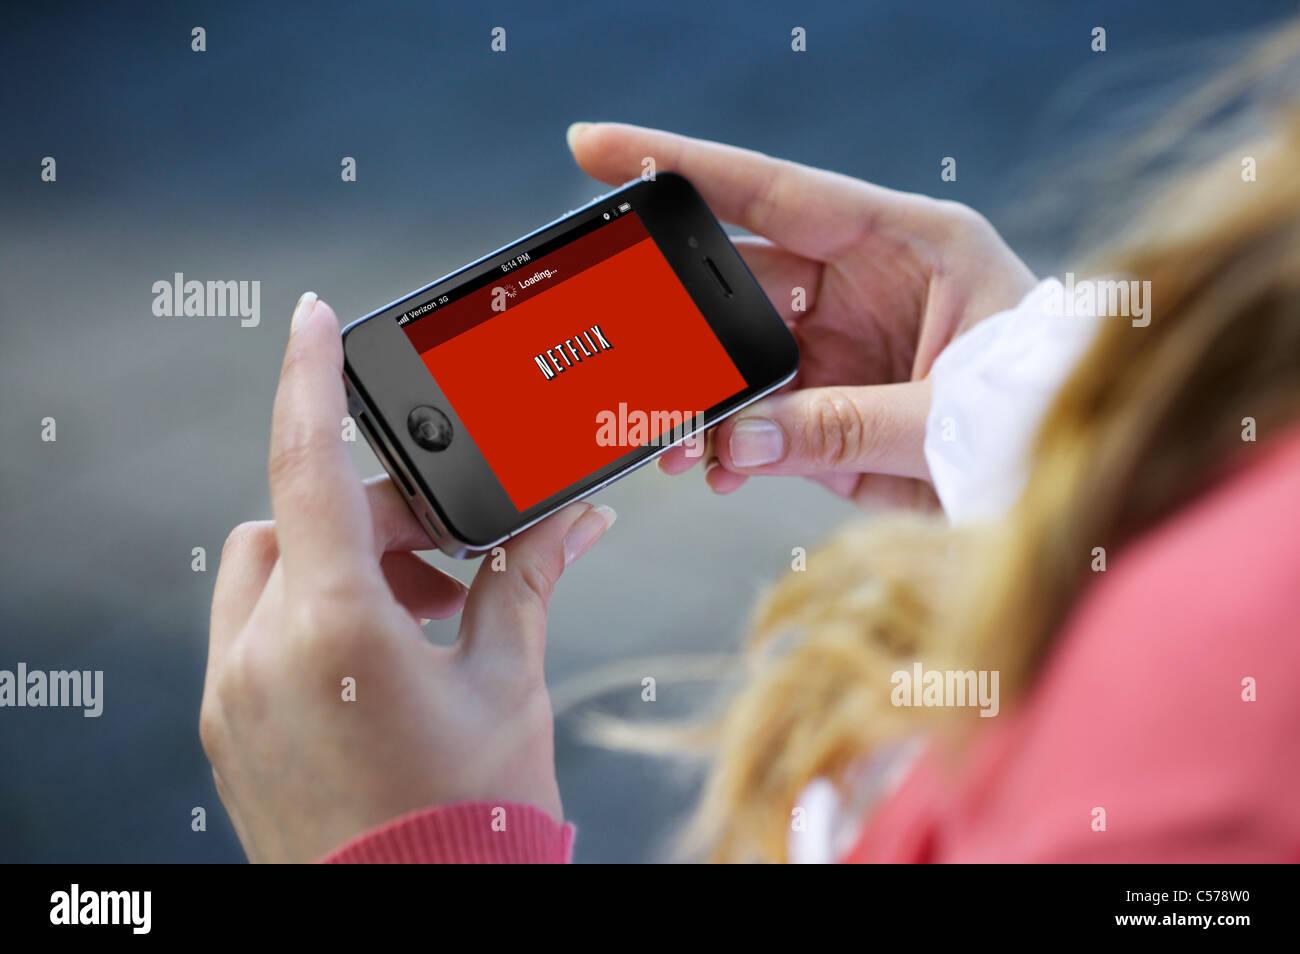 Chiudere l immagine di una donna guardare film su Netflix (film online noleggio) app da un iPhone 4 Immagini Stock